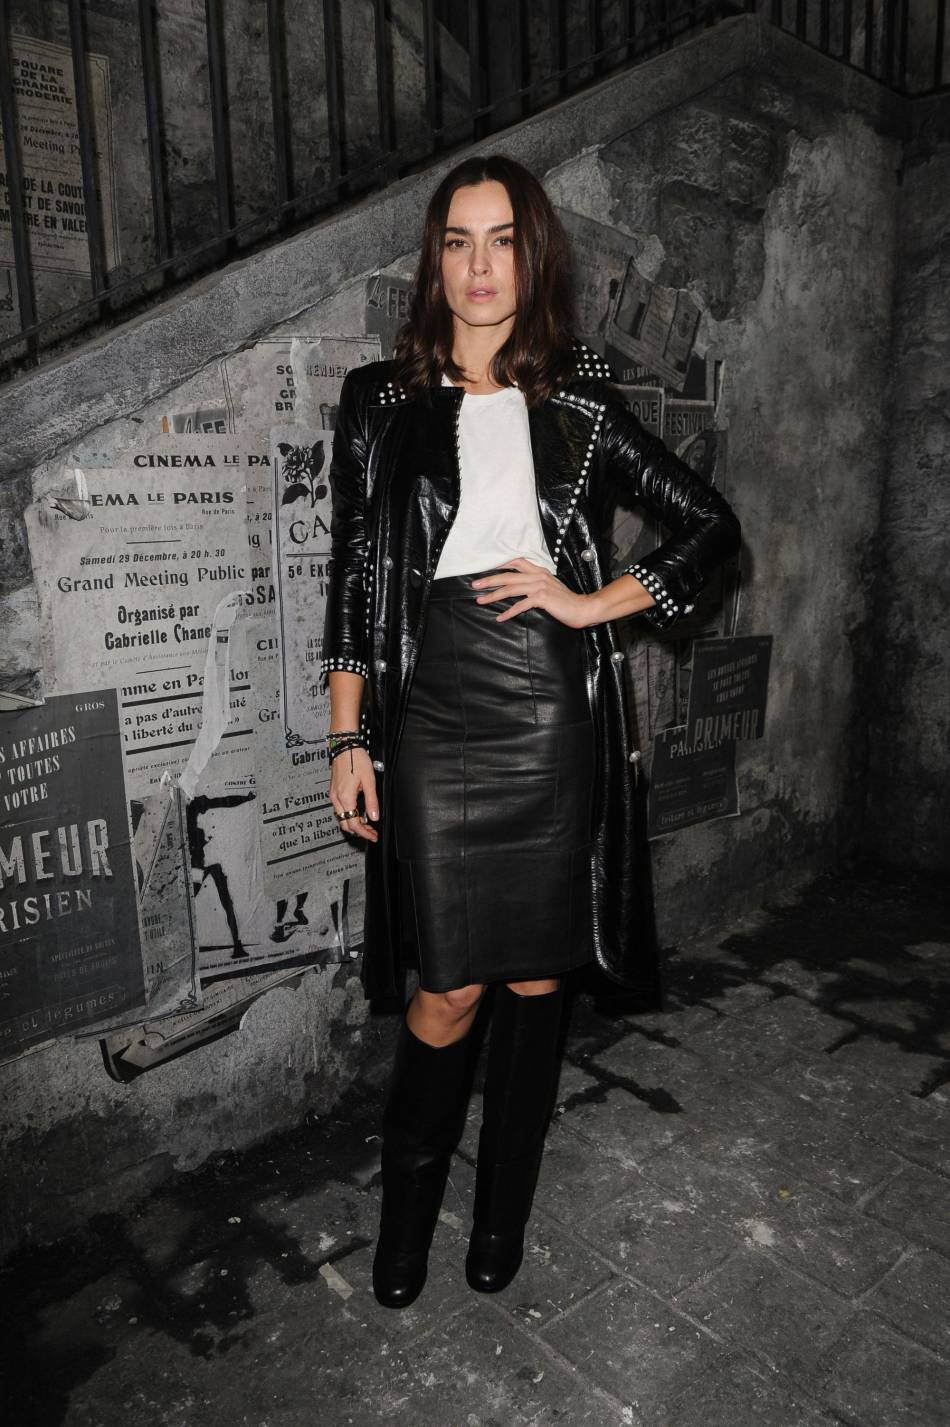 Kasia Smutniak au défilé Chanel Métiers d'Arts Paris à Rome 2015-2016 le 1er décembre 2015.